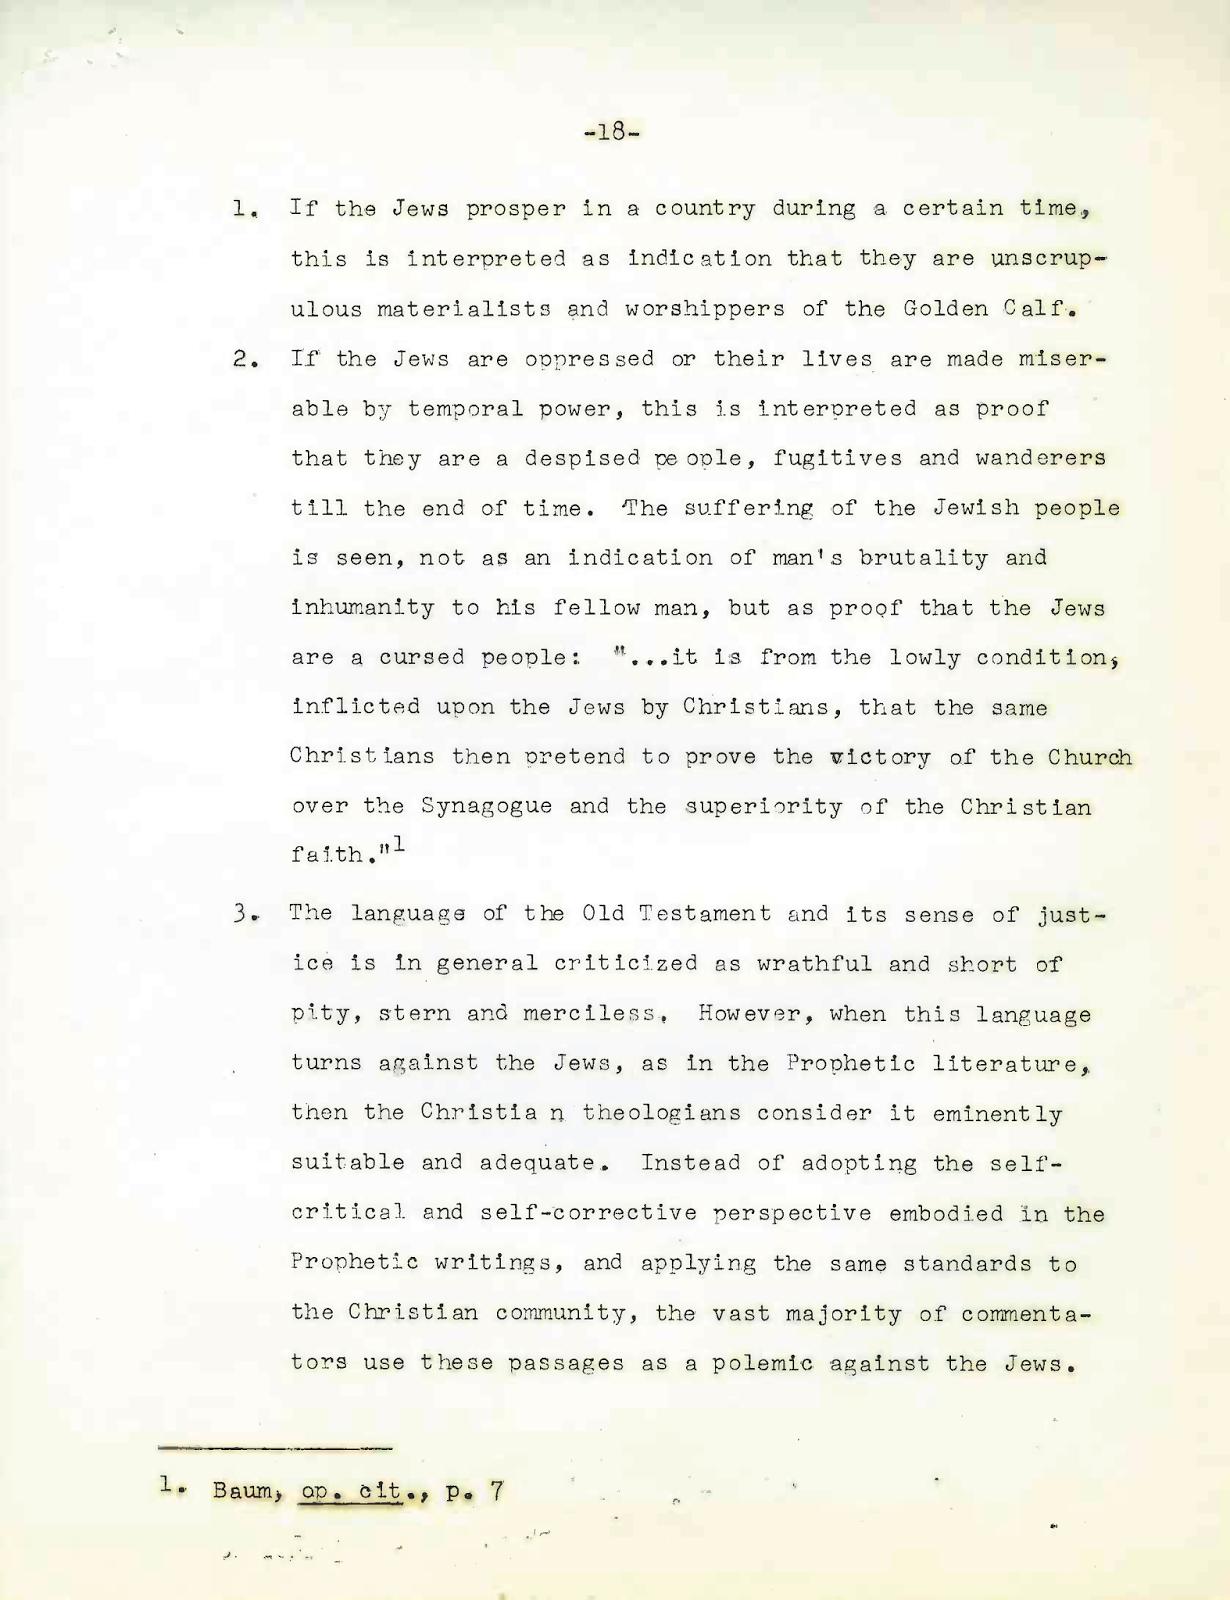 A Memorandum to the Secretariat for Christian Unity